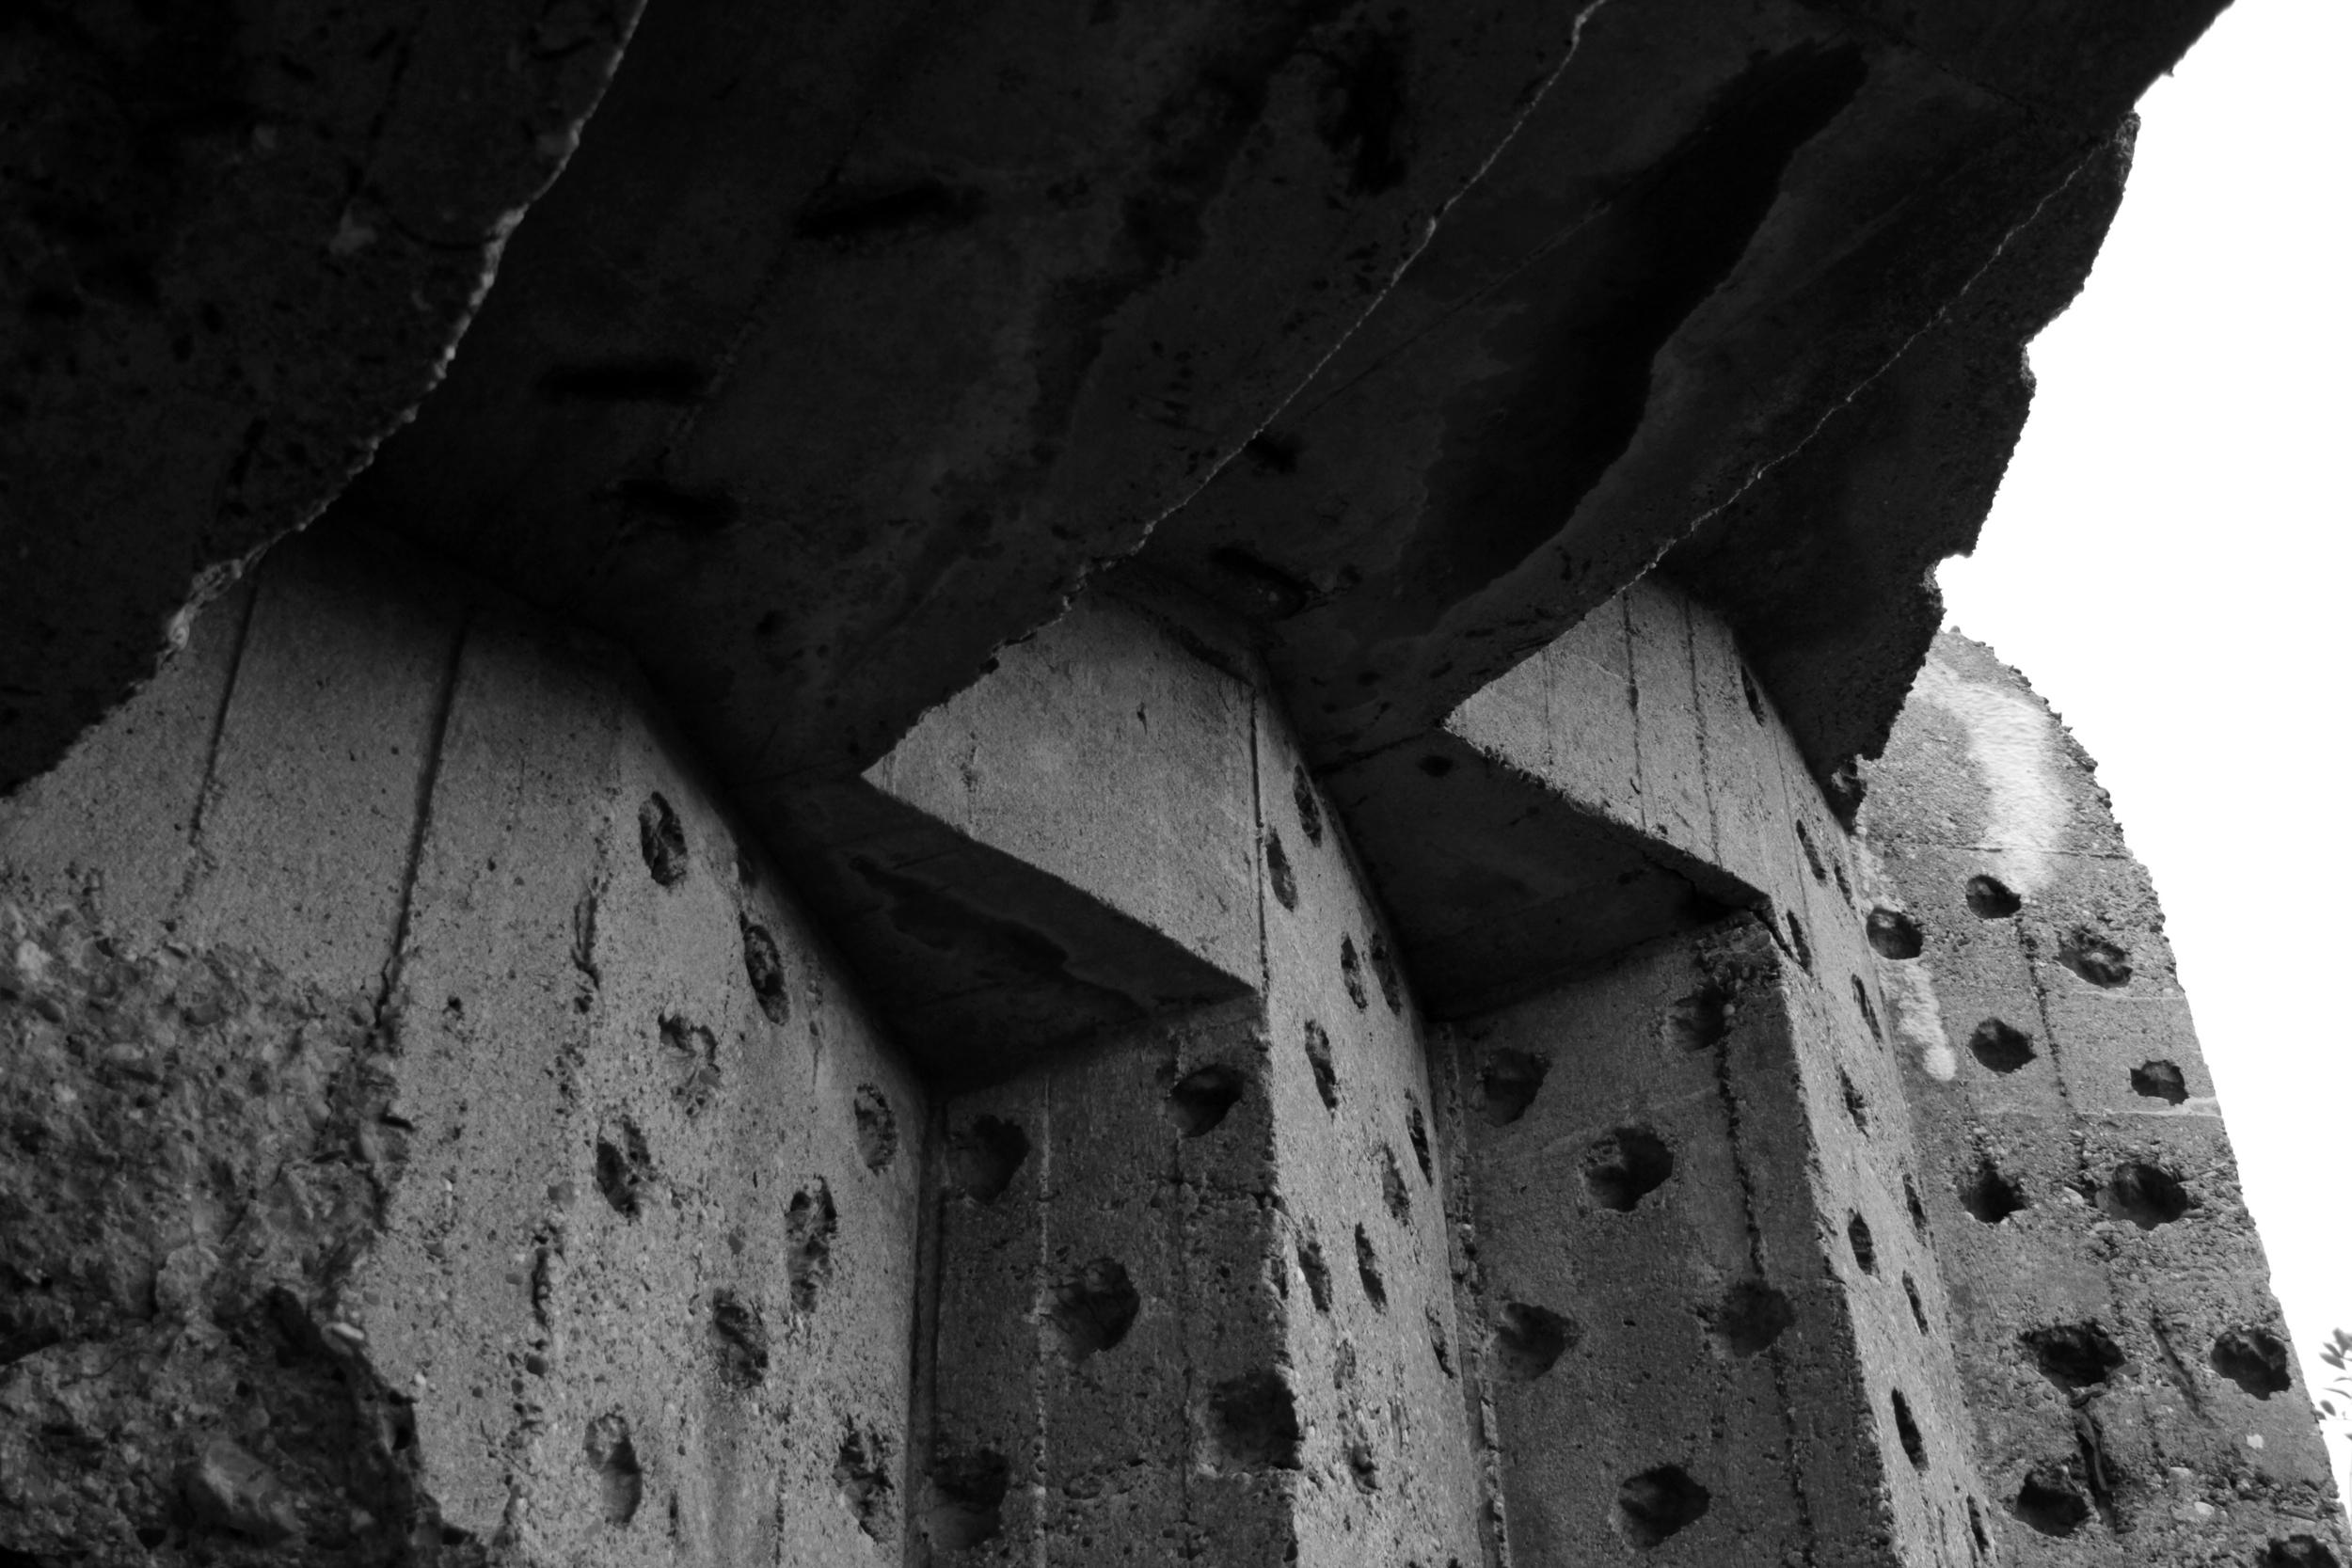 atlantic wall photography by pamela van rijswijk | S/TUDIO